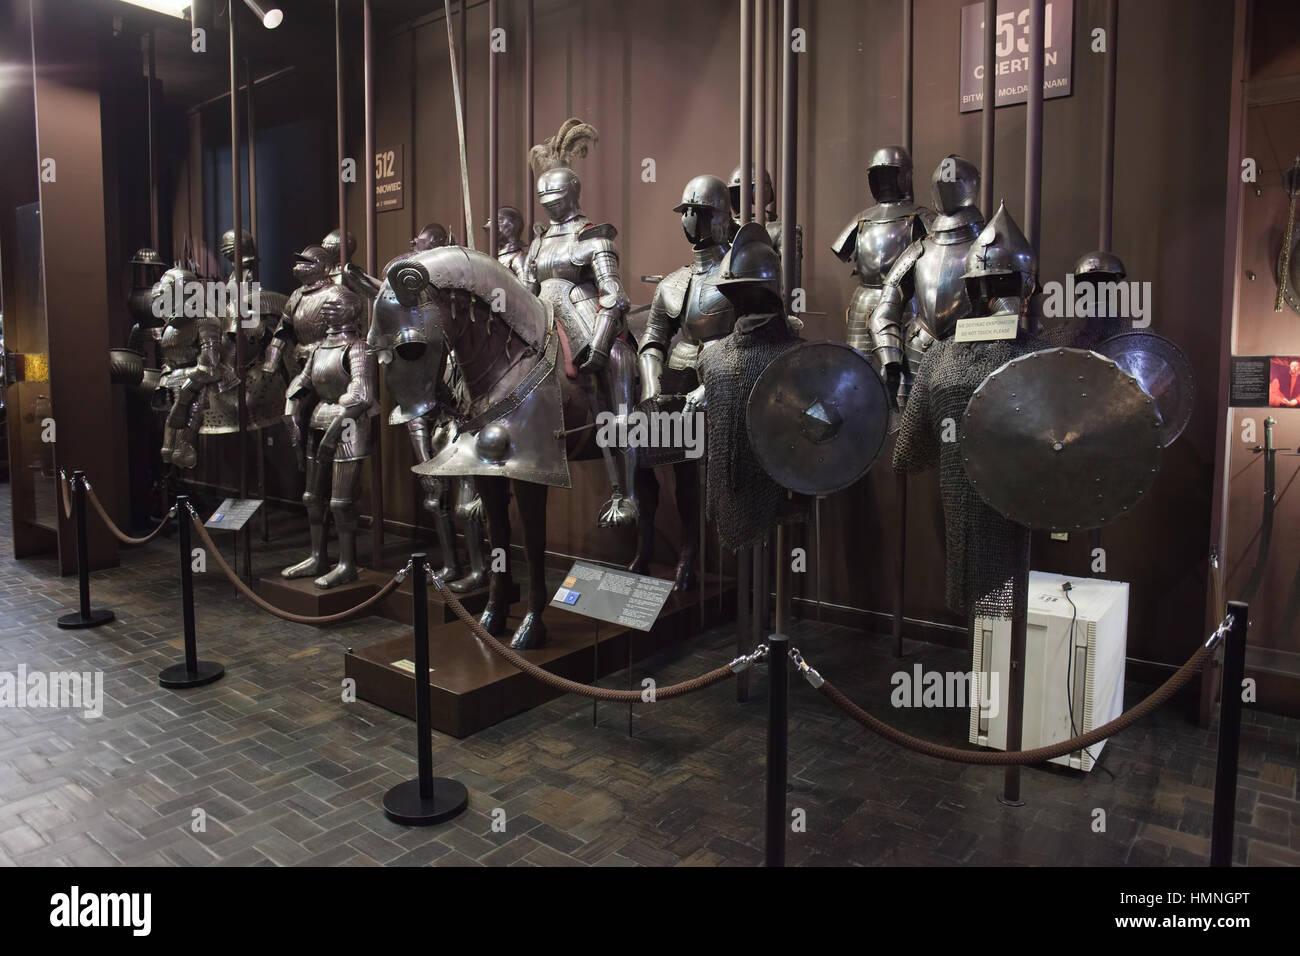 Ritter mit vollen Teller Rüstungen, Kettenhemden Rüstung, Ausstellung im polnischen Armee-Museum in Warschau, Stockbild